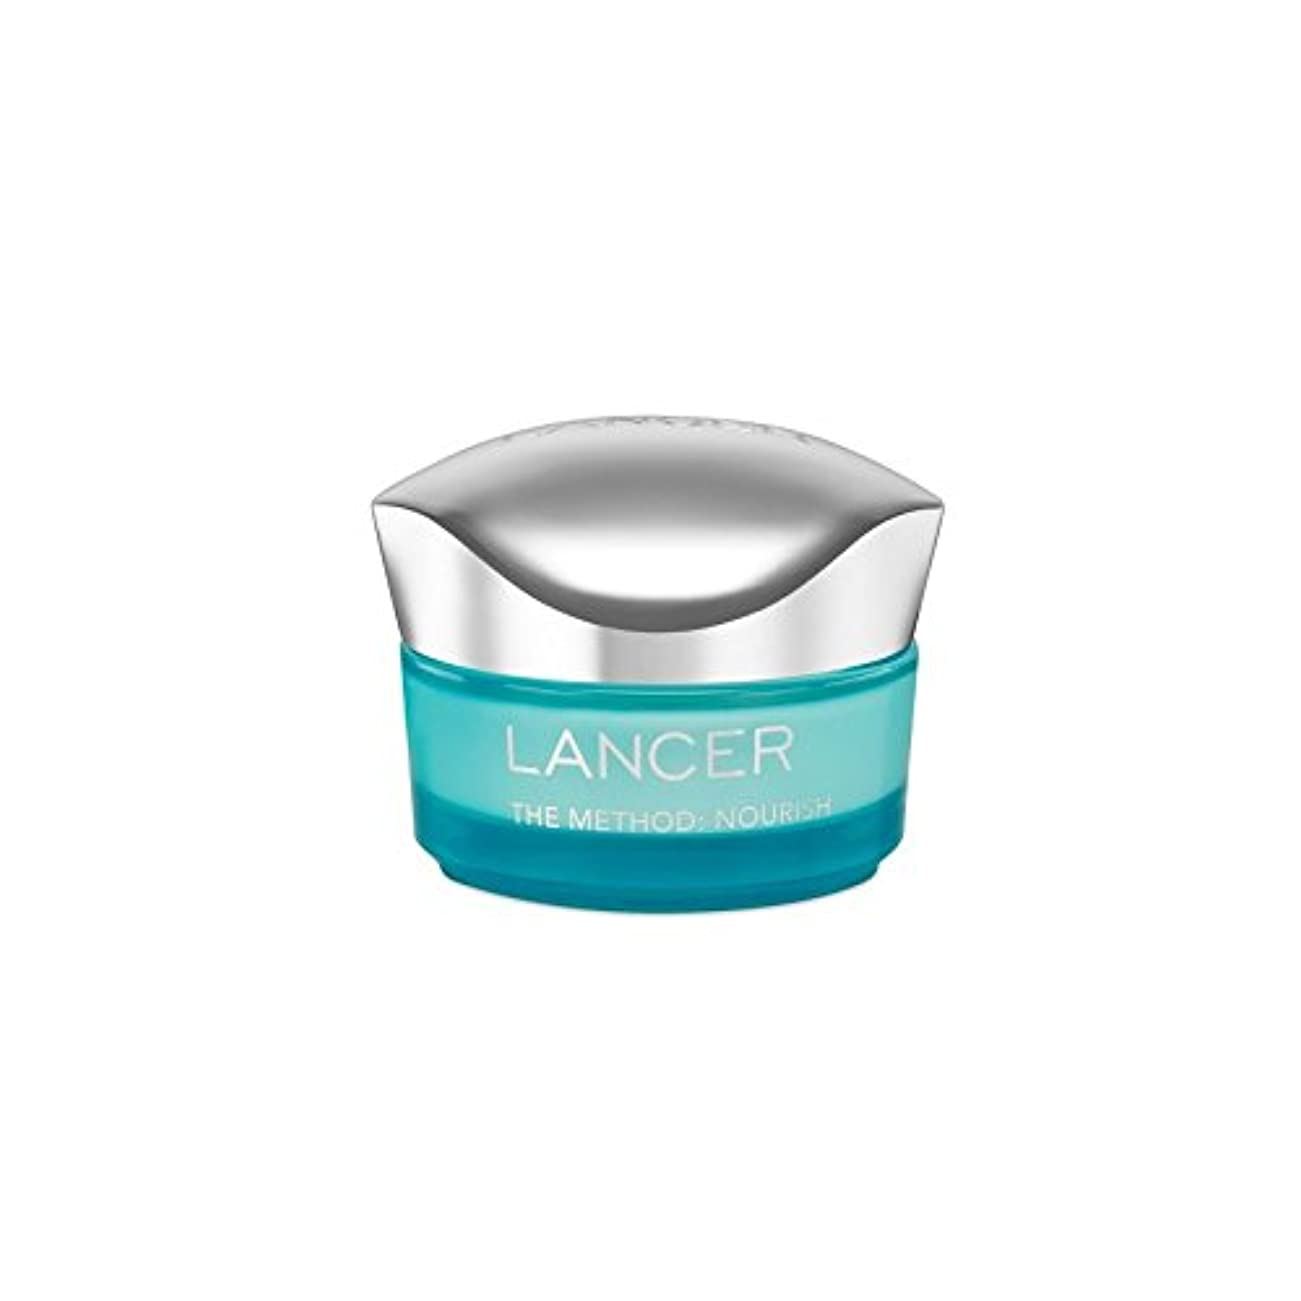 ピックピクニック前書きランサーは、この方法をスキンケア:モイスチャライザー(50)に栄養を与えます x2 - Lancer Skincare The Method: Nourish Moisturiser (50ml) (Pack of 2)...